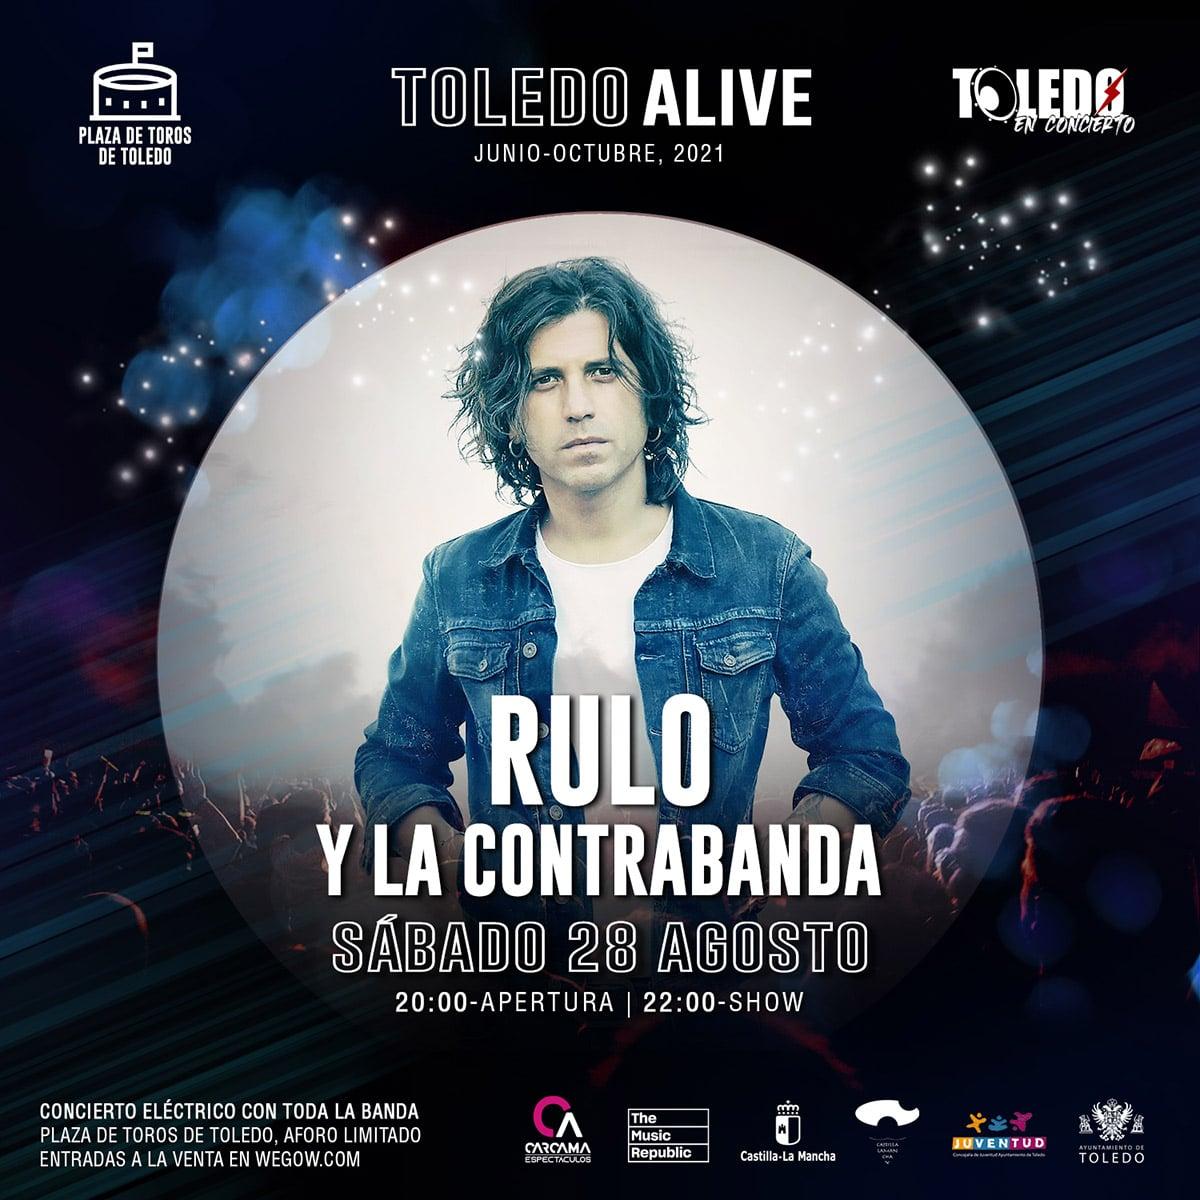 concierto-rulo-y-la-contrabanda-toledo-alive.jpg